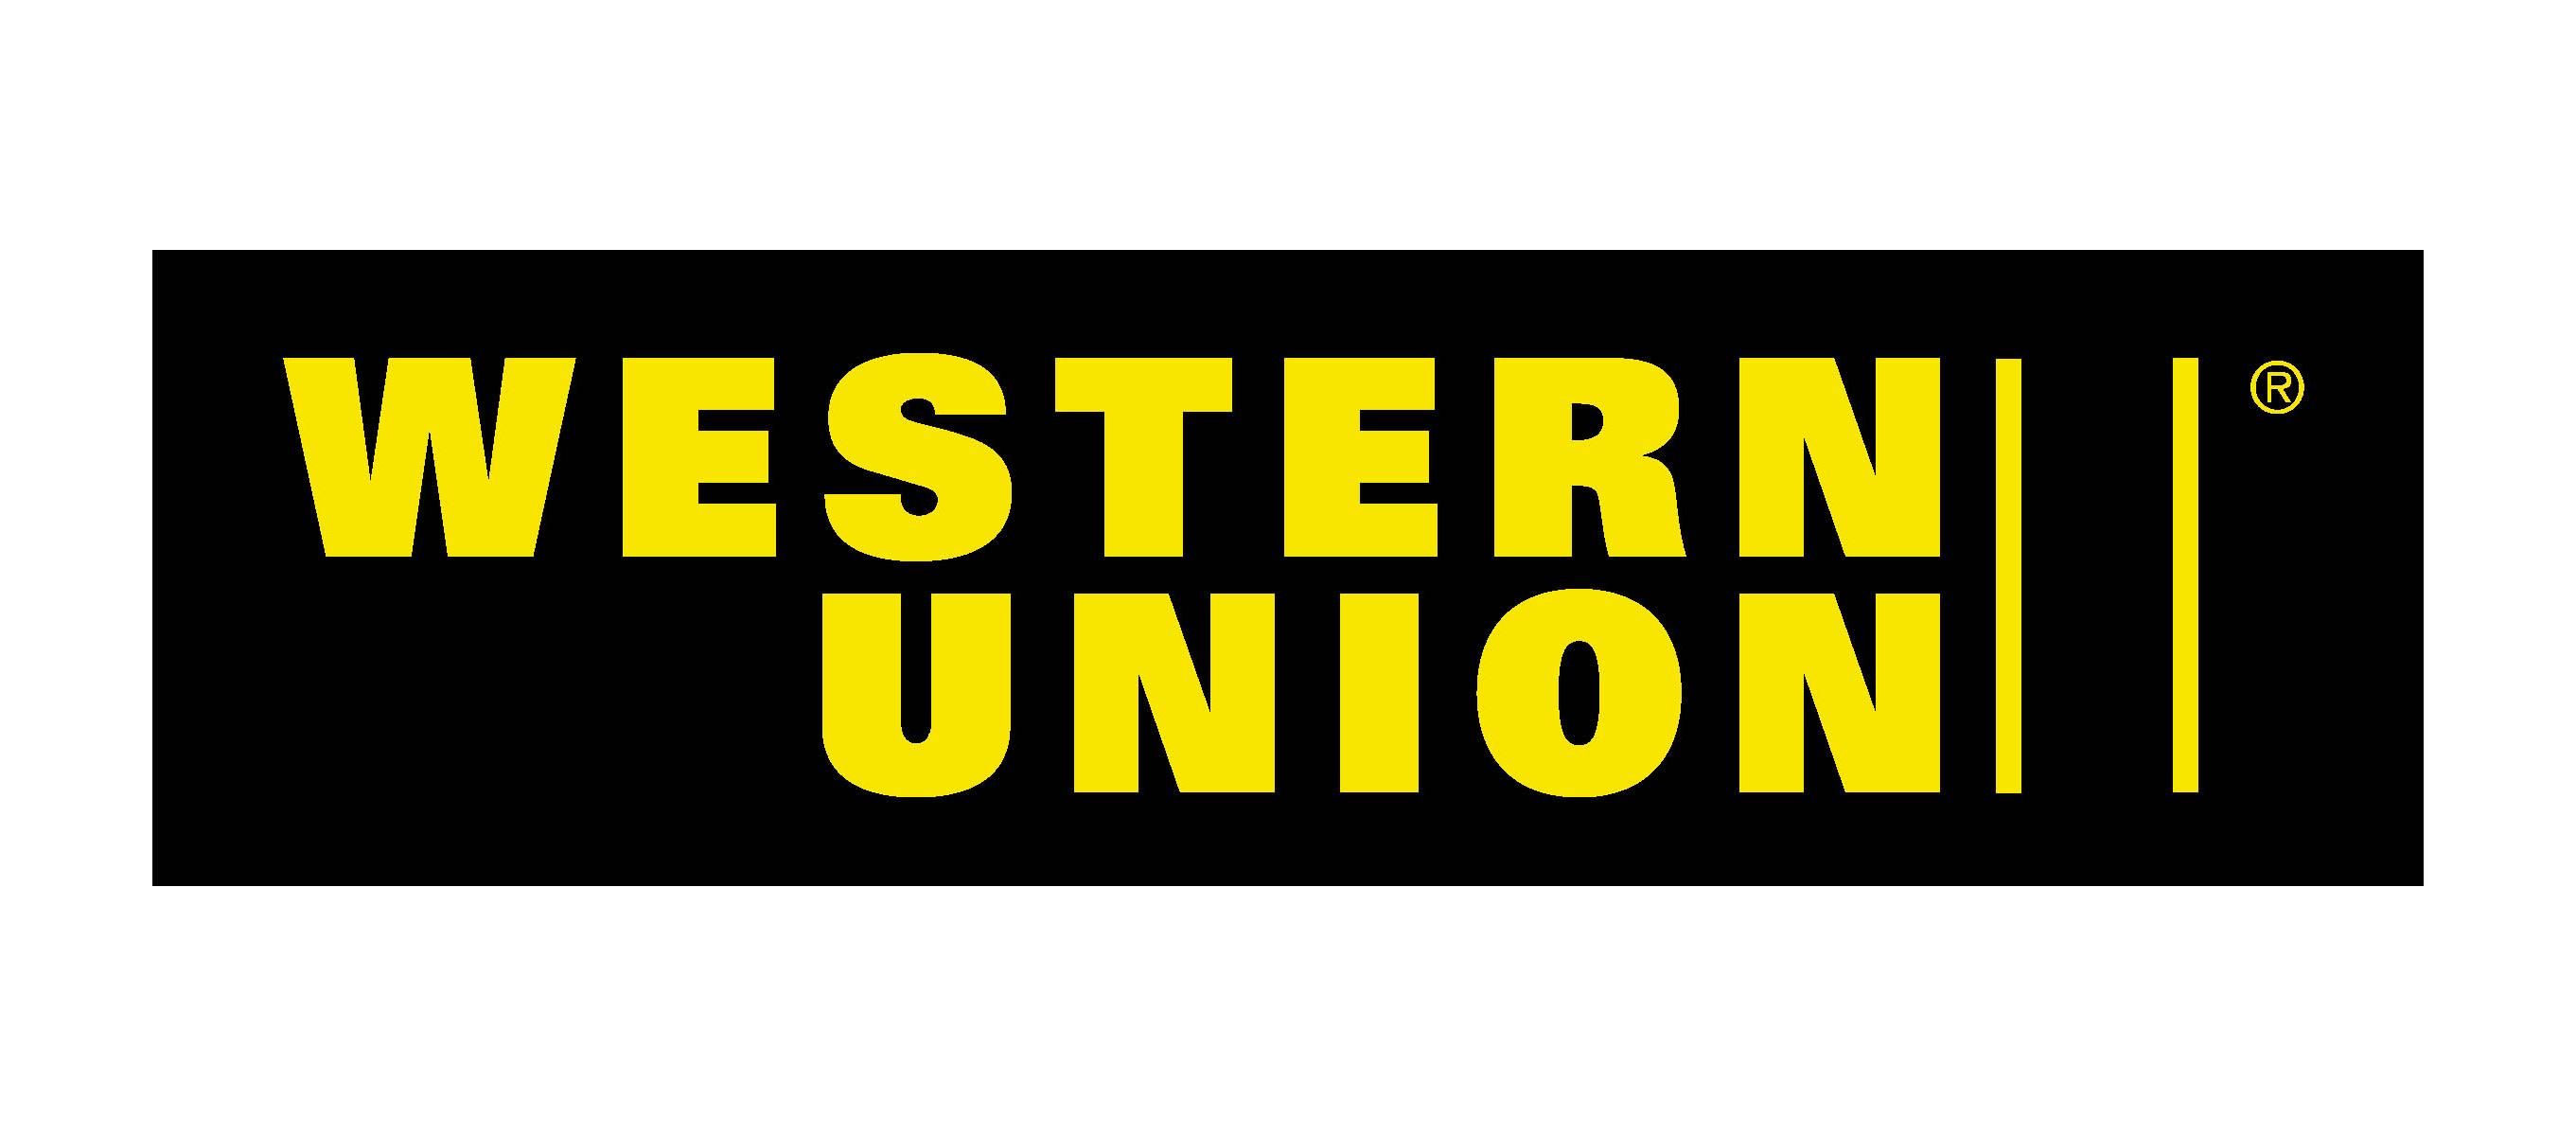 Western Unioin Logo Wallpaper